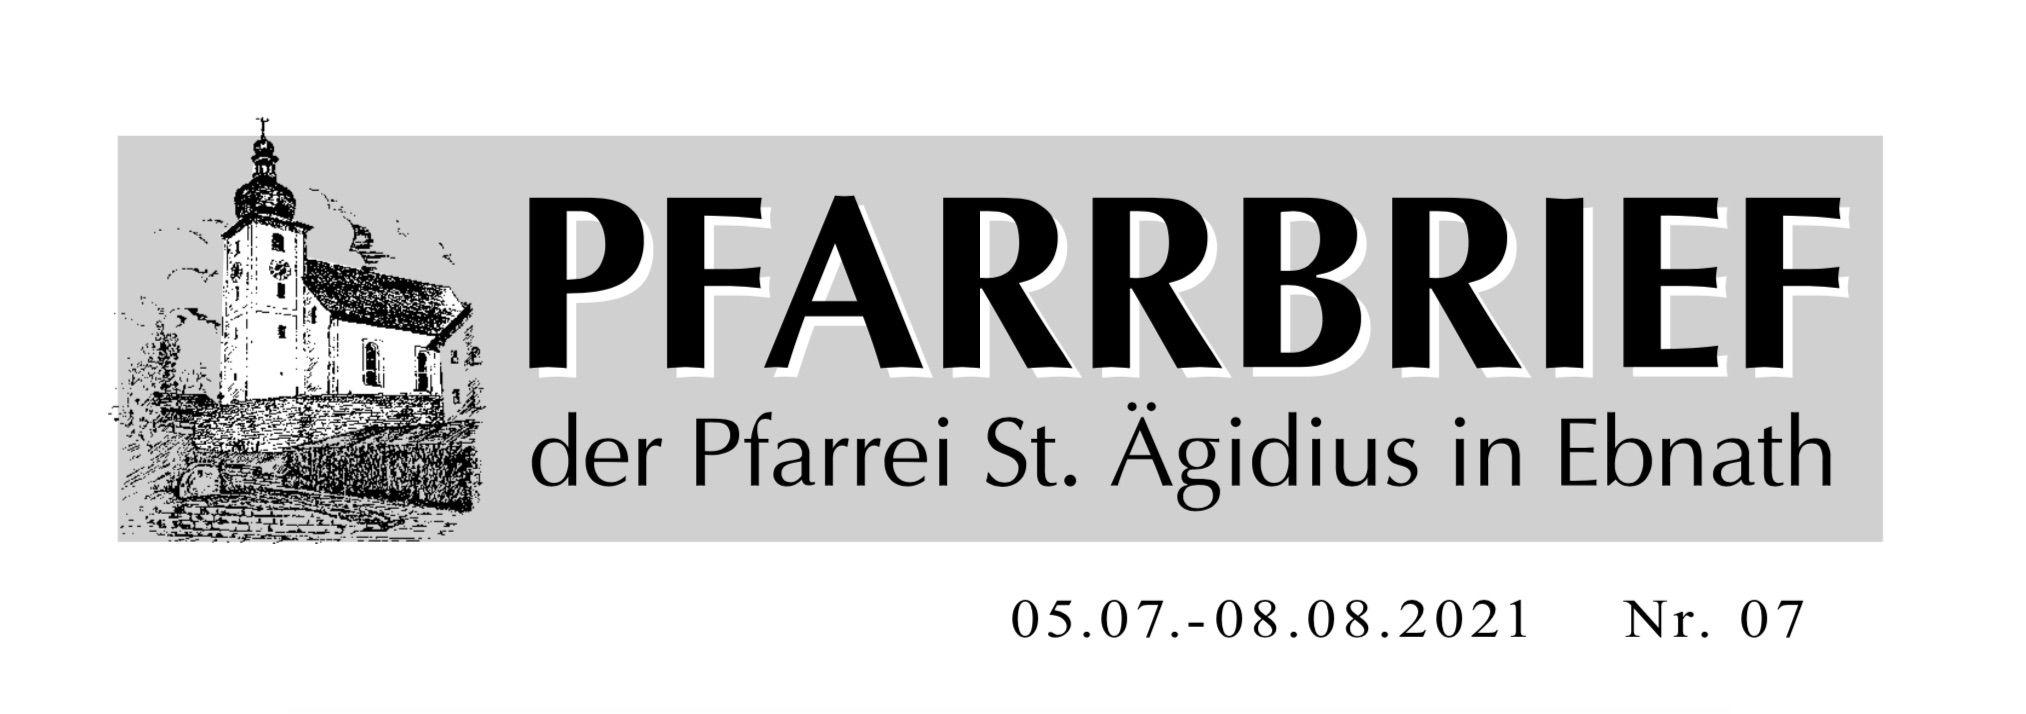 Download Pfarrbrief | pfarrei-ebnath